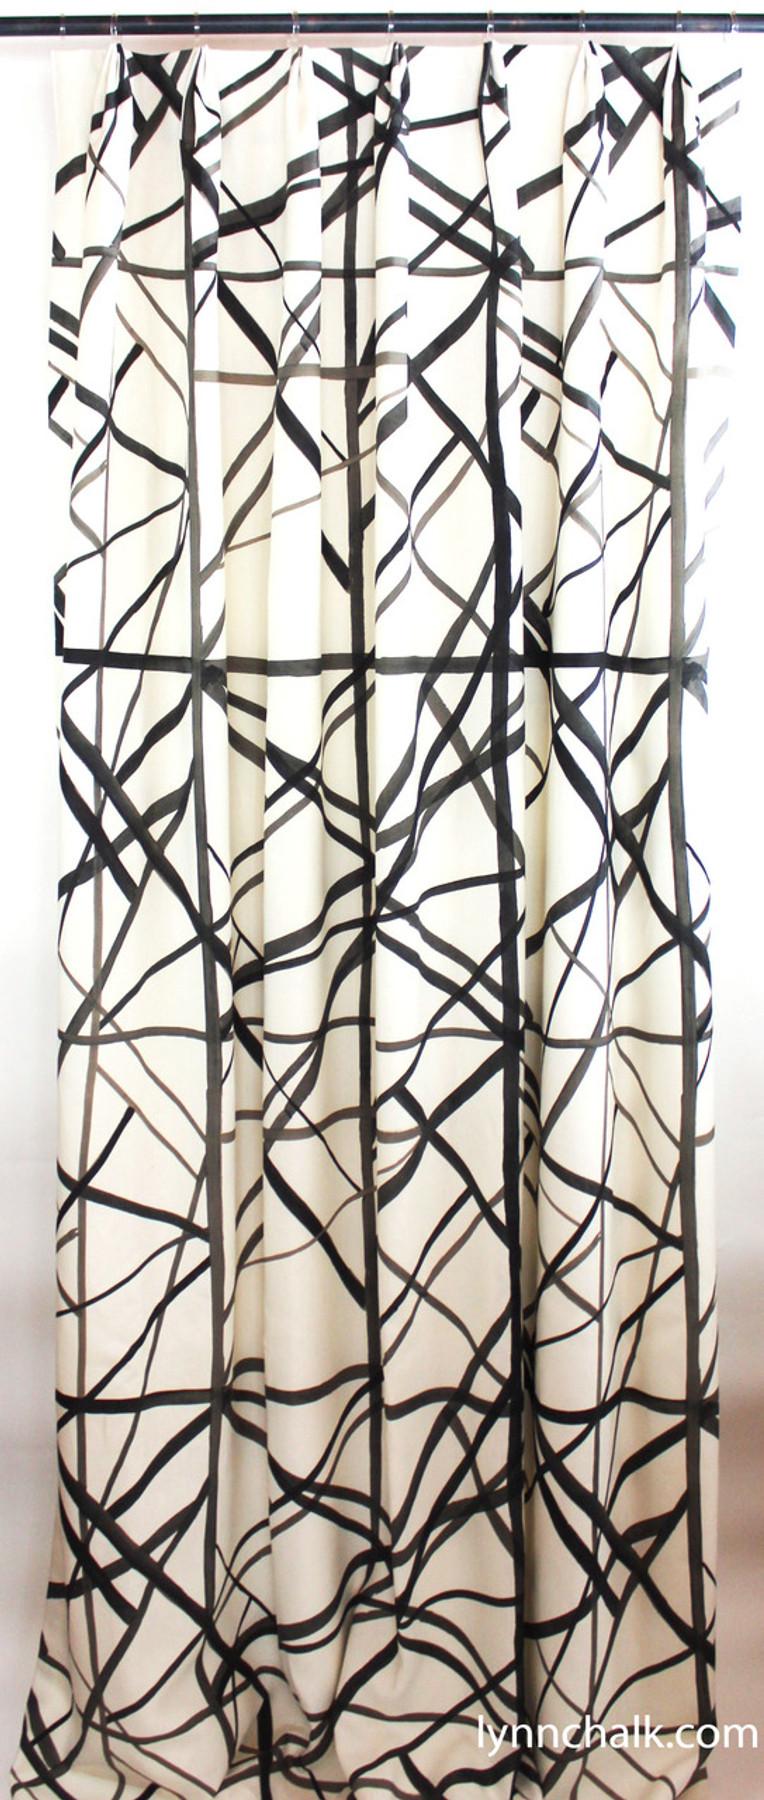 Custom Fan Pleated Drapes by Lynn Chalk in Kelly Wearstler Channels in Ebony/Ivory.